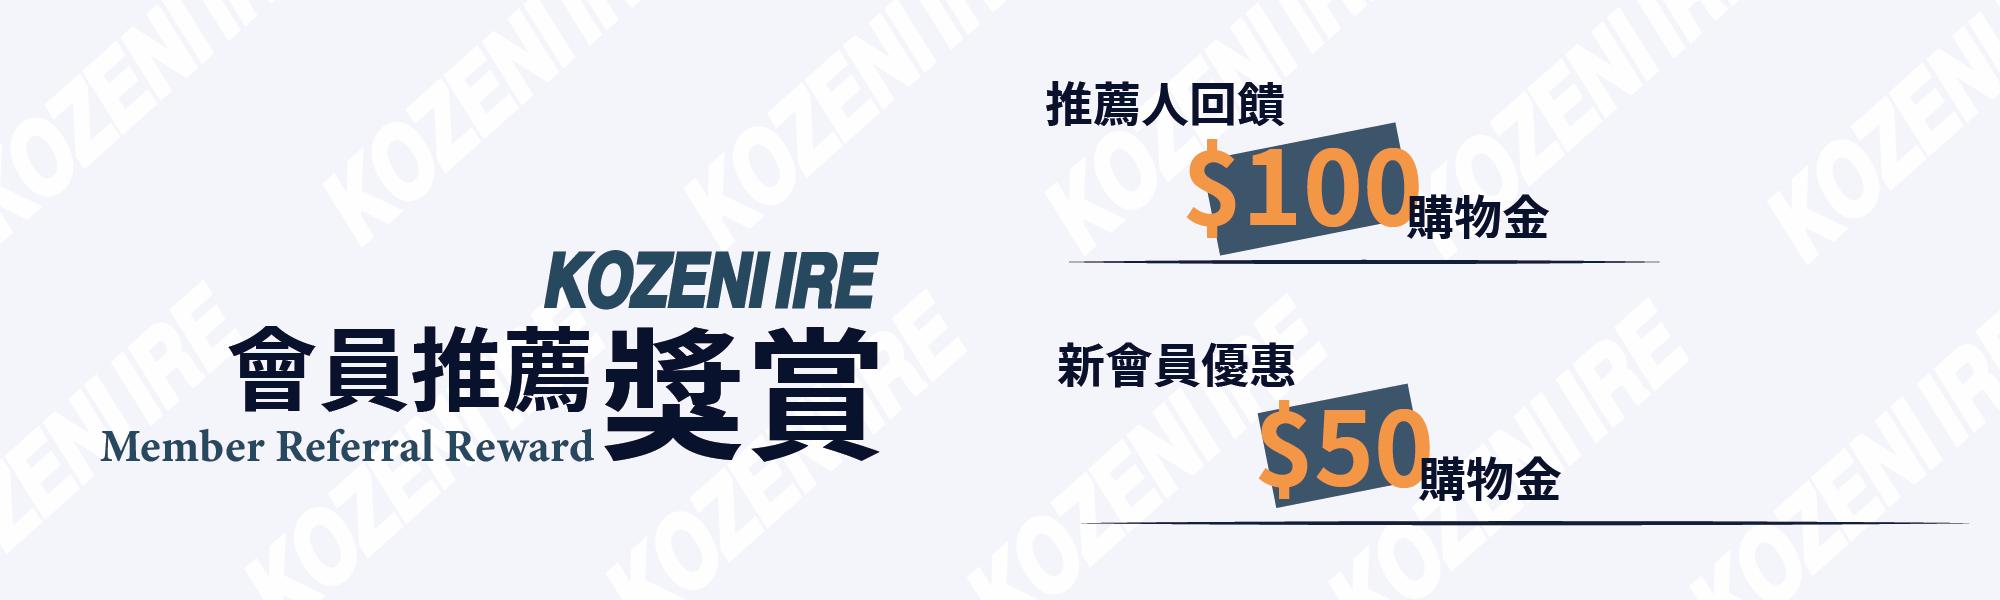 KOZENI IRE的會員推薦獎賞活動,推薦人分享即回饋100元購物金,新會員加入享優惠50元購物金